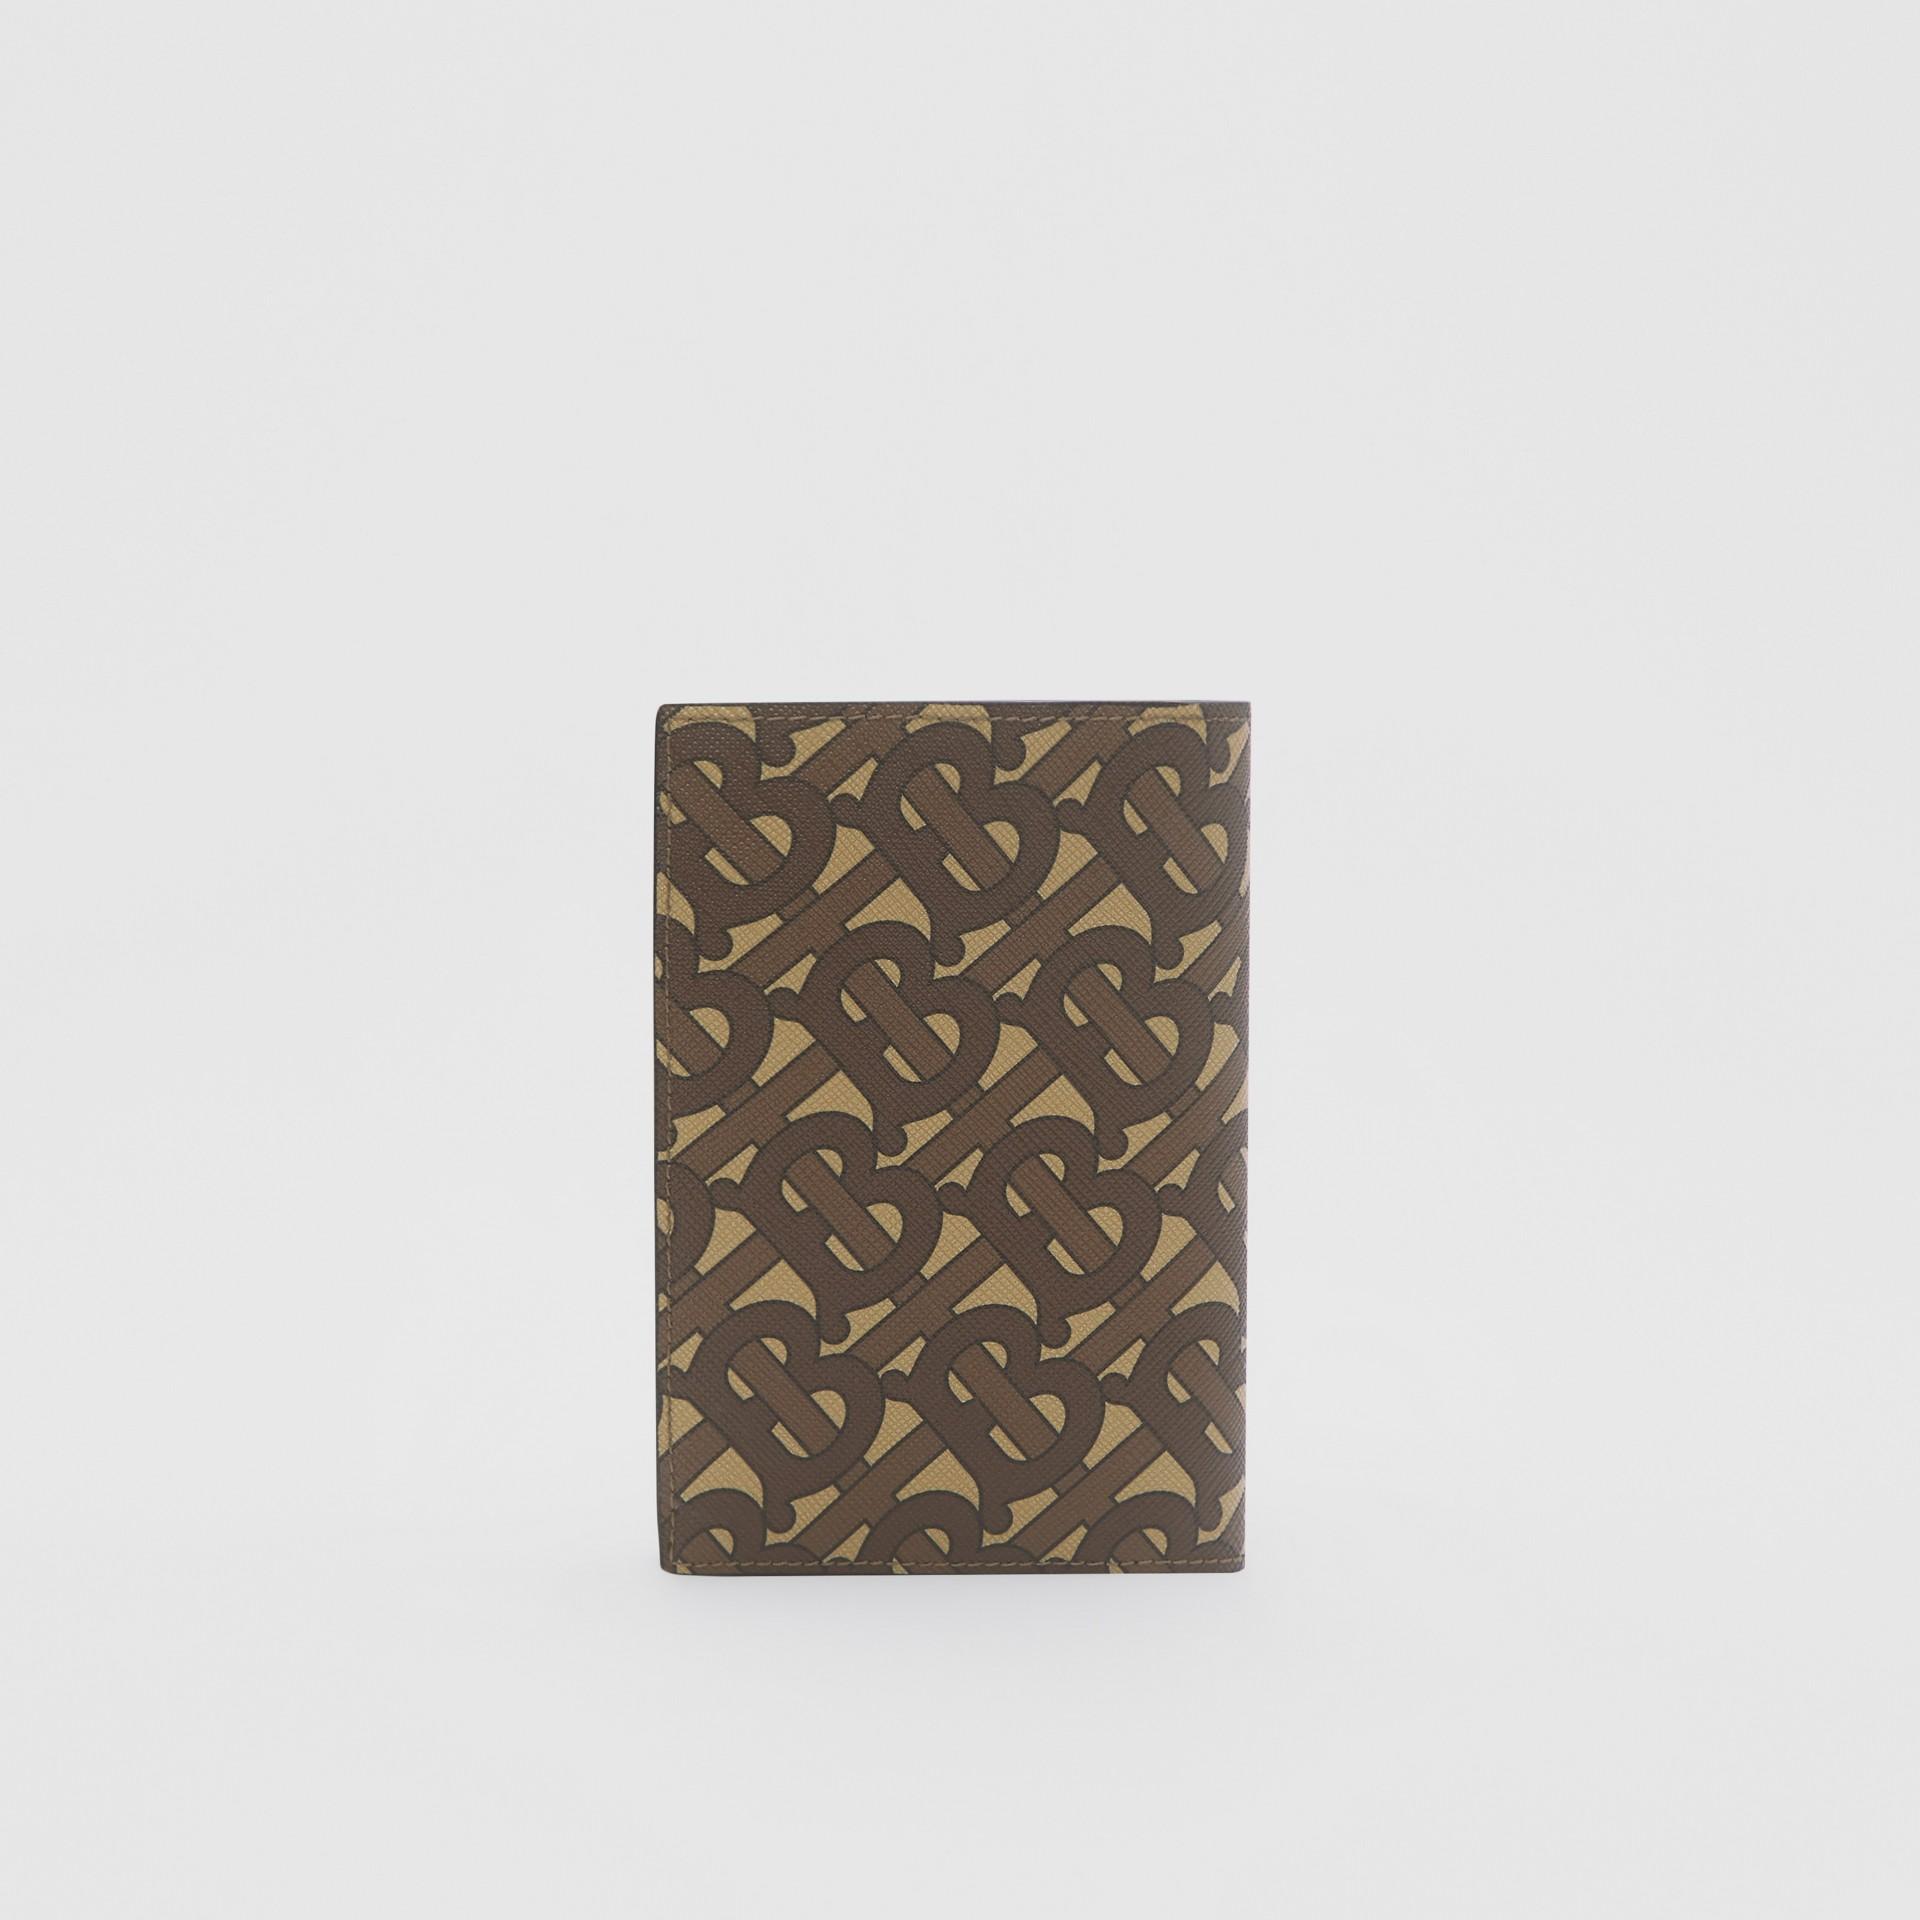 Funda para pasaporte en lona ecológica con estampado de monogramas (Marrón Ecuestre) - Hombre | Burberry - imagen de la galería 4